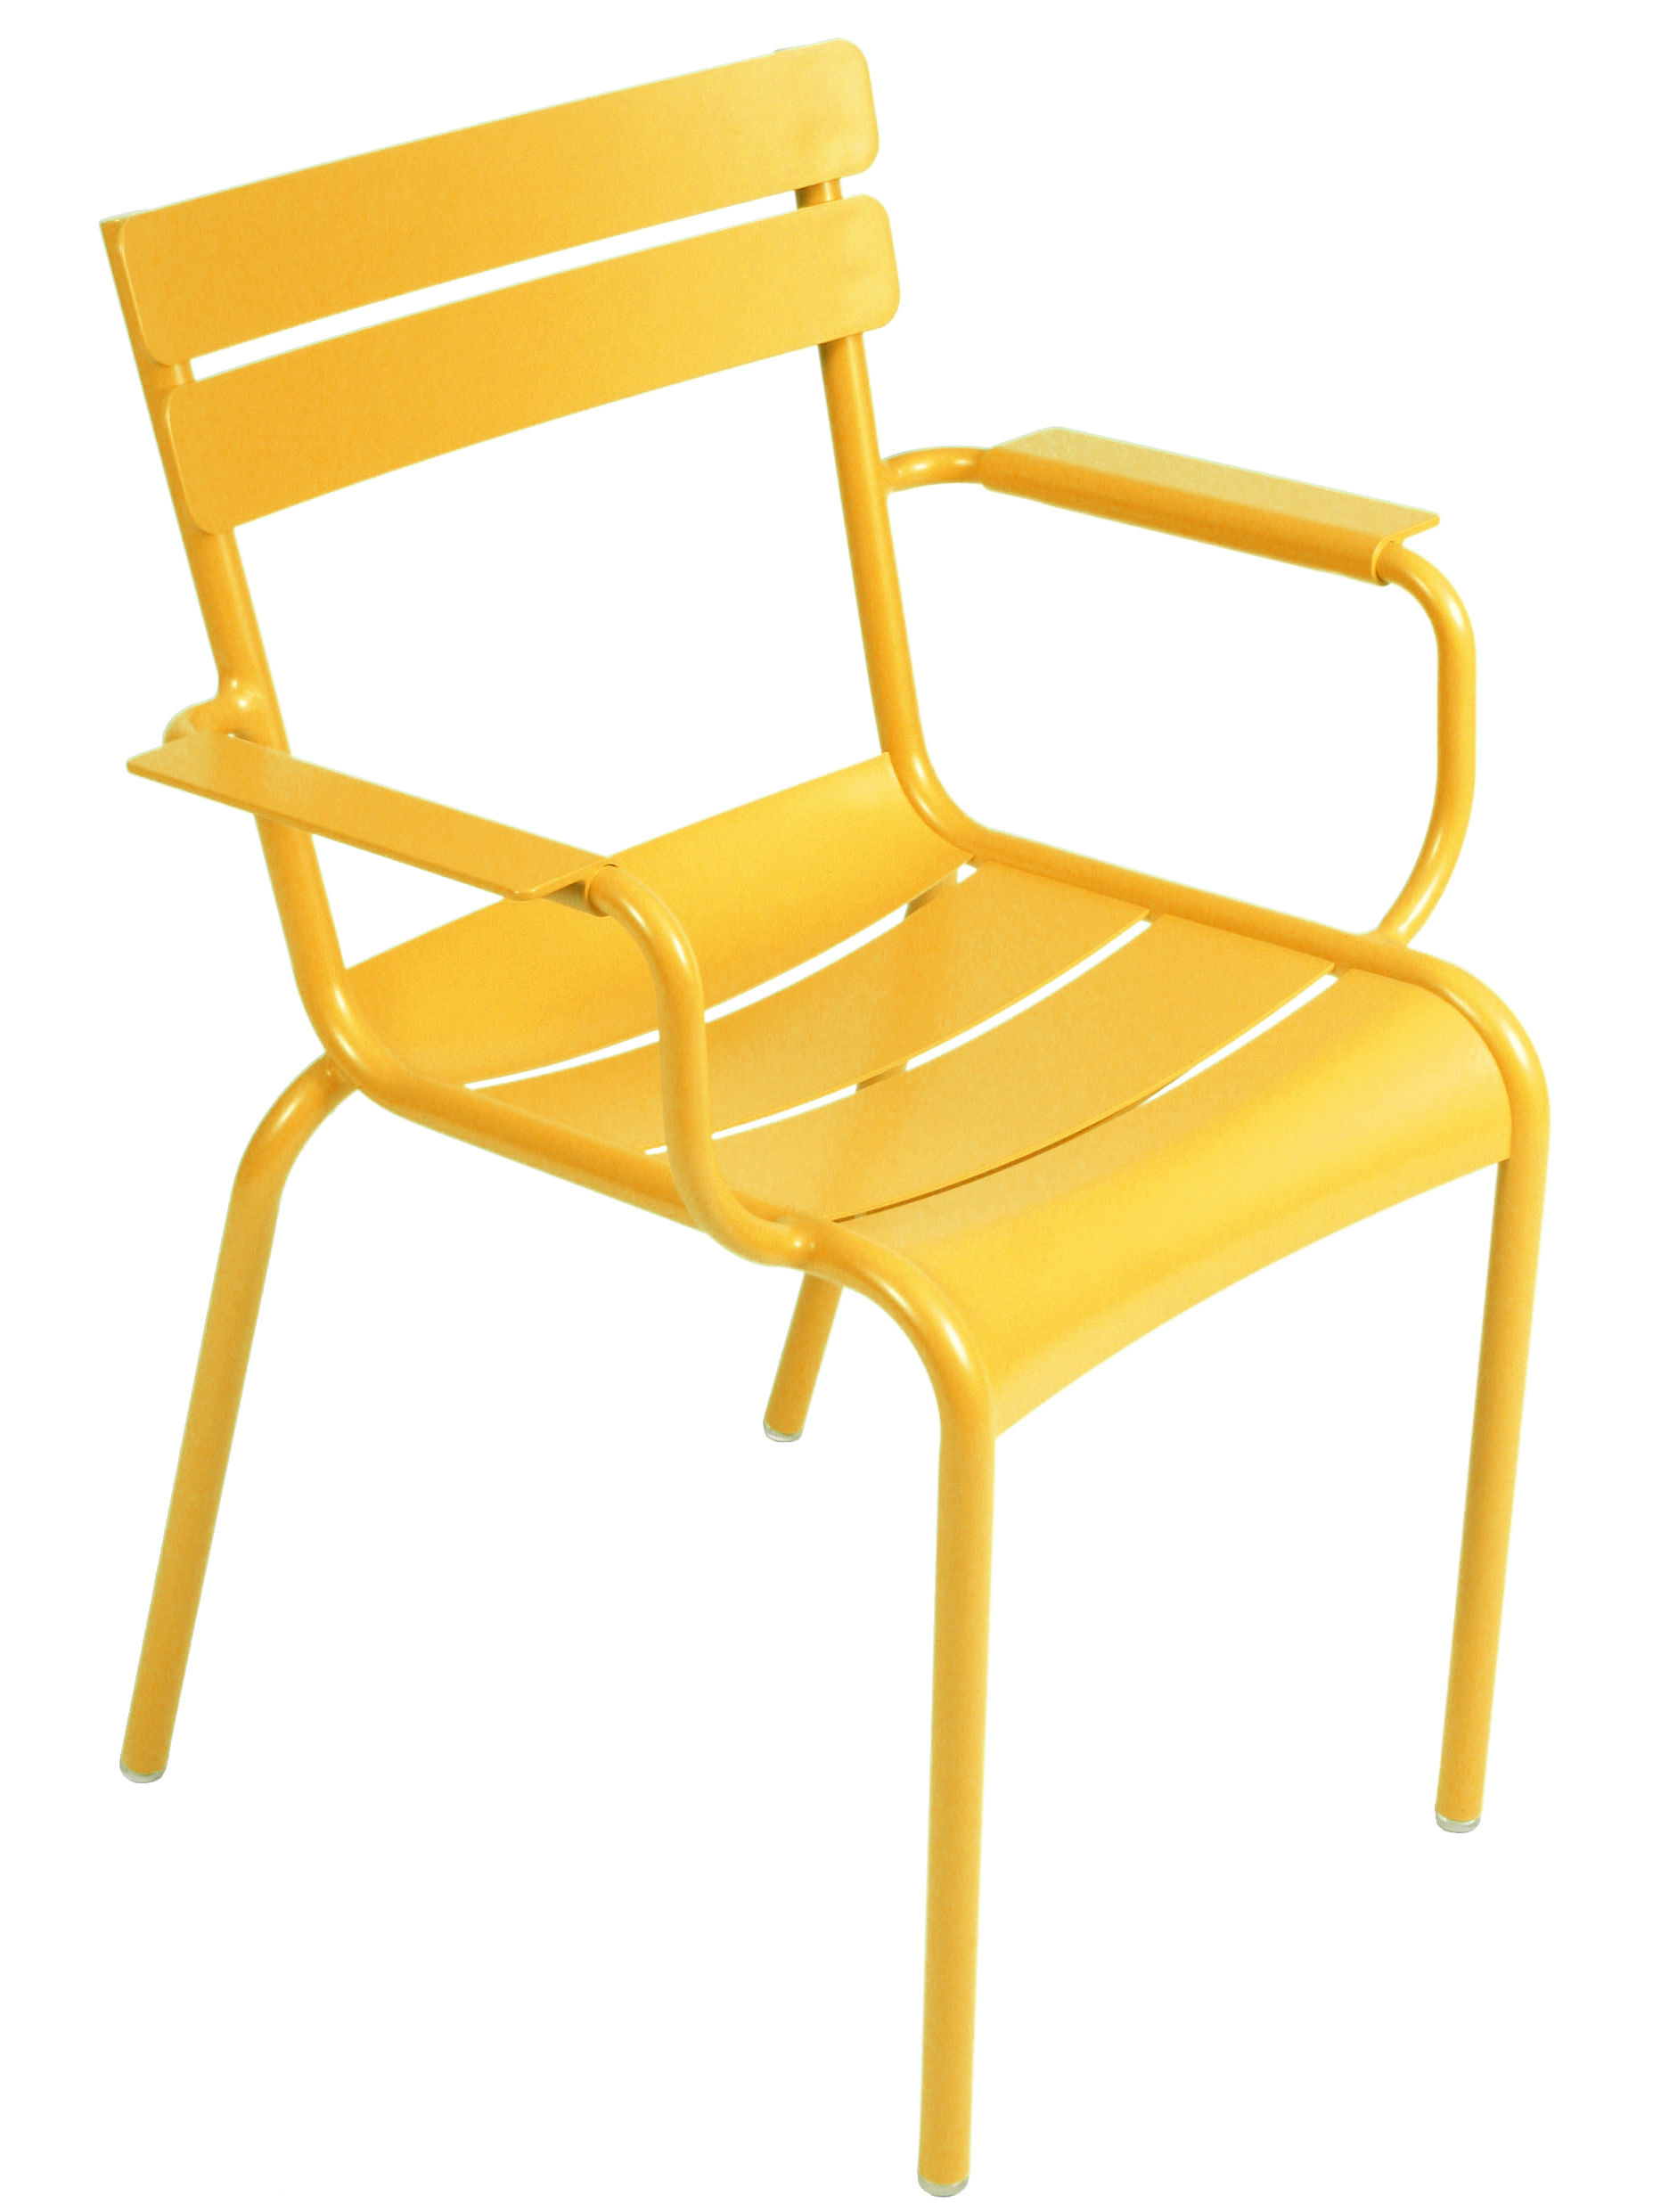 Möbel - Stühle  - Luxembourg Stapelbarer Sessel - Fermob - Honig - lackiertes Aluminium